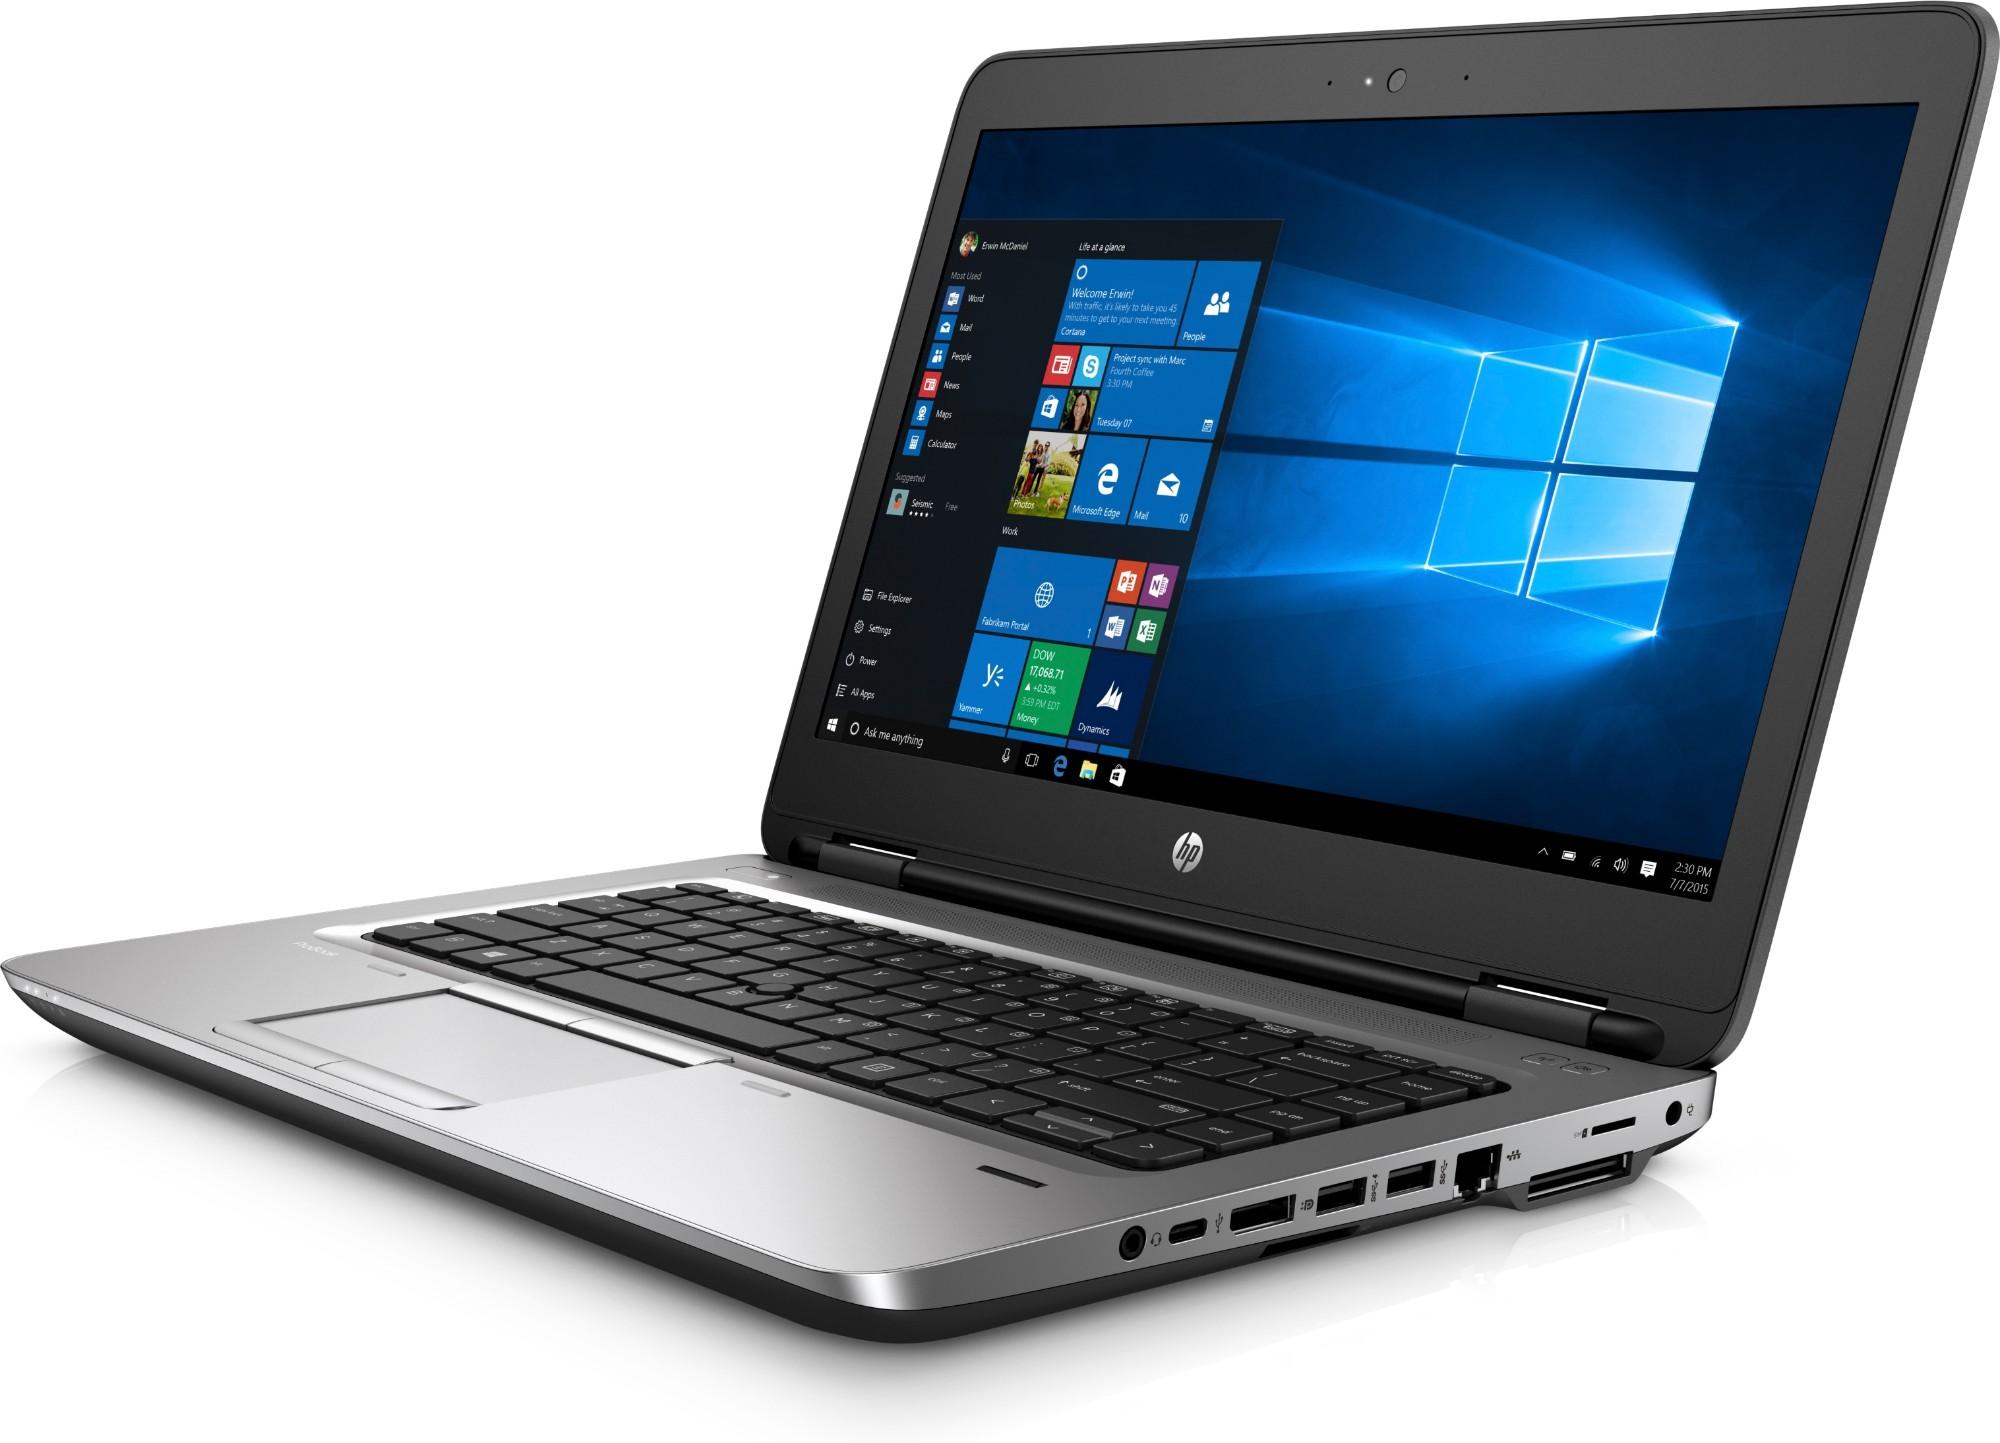 Buy HP ProBook 645 G3 Notebook PC - Z2W17EA#ABU Online